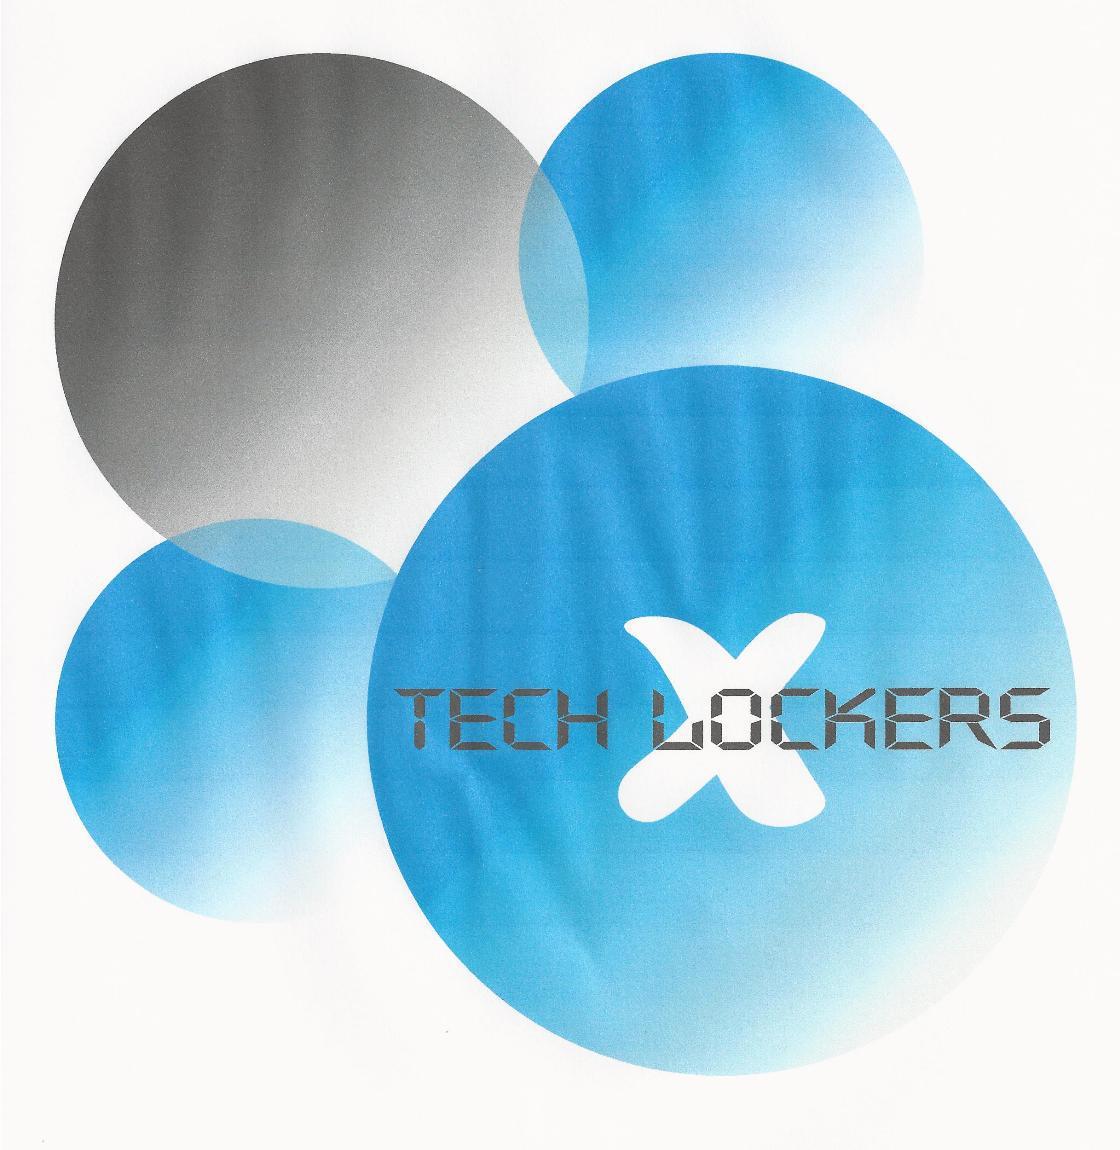 TECH LOCKERS